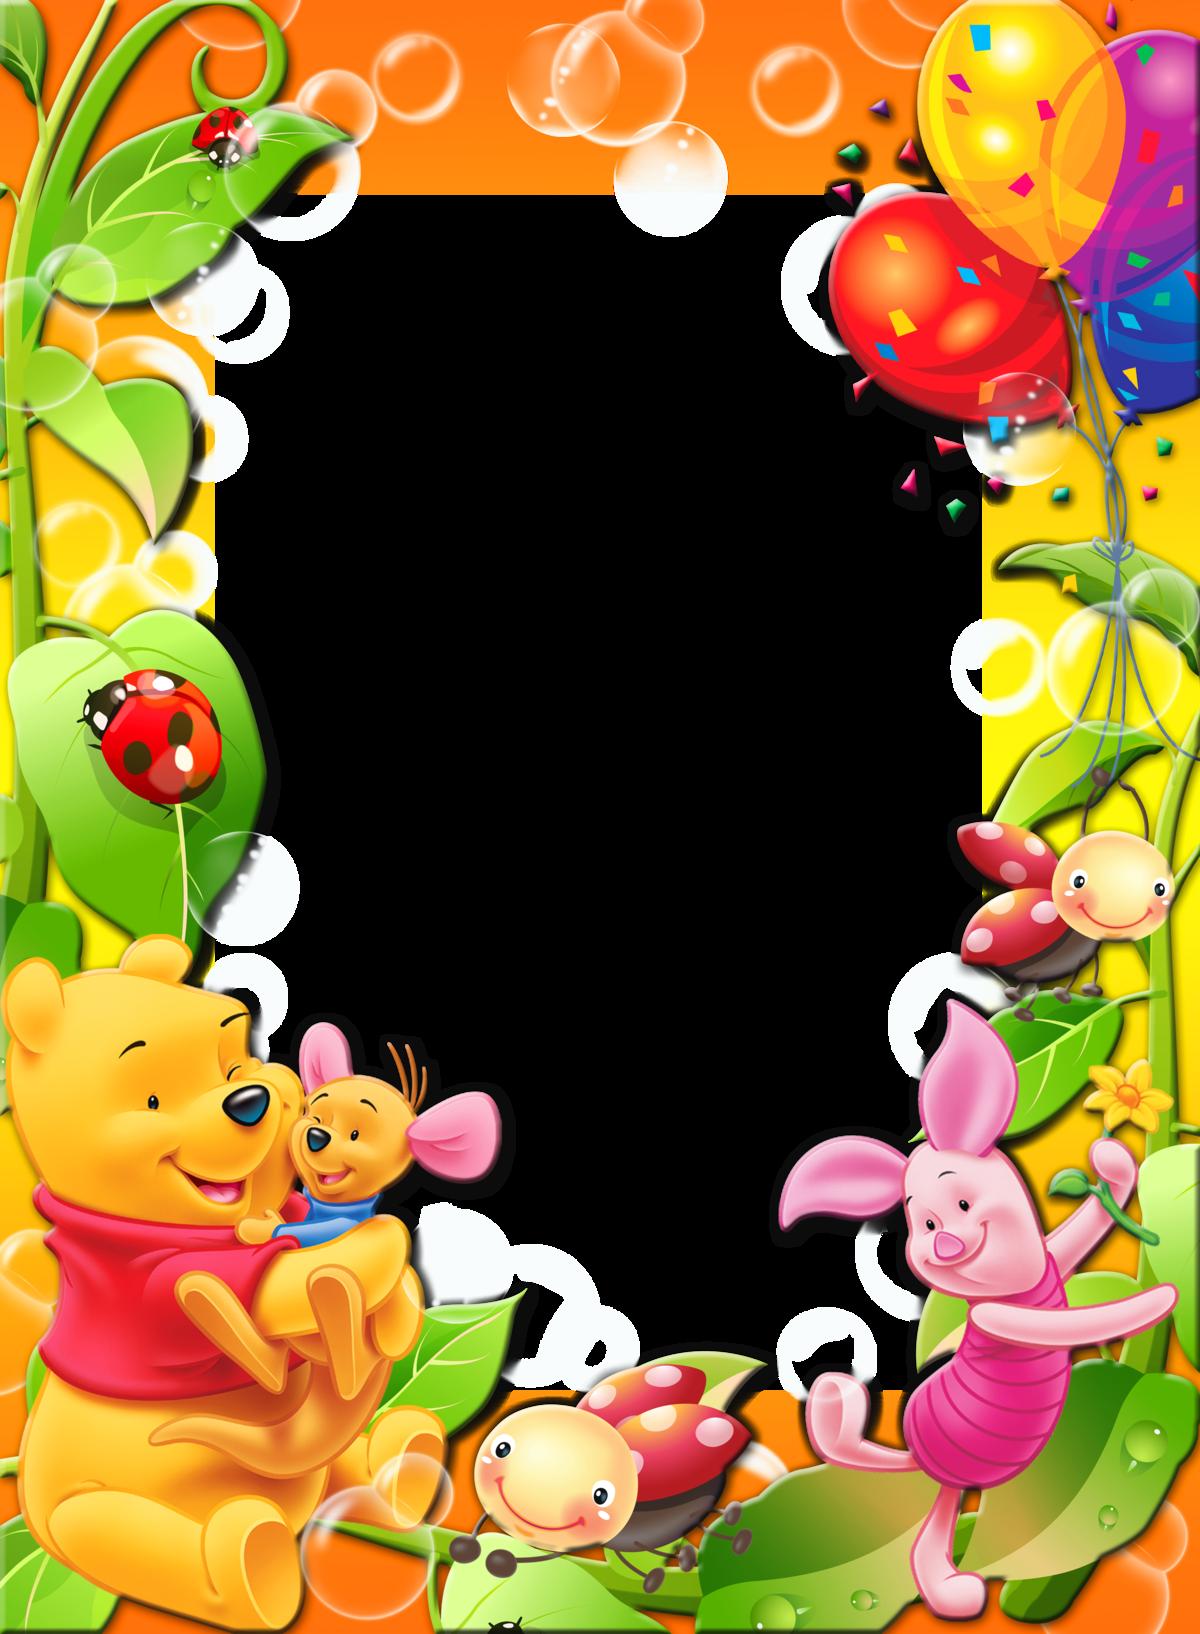 Картинки на а4 детские, класс пасхальная